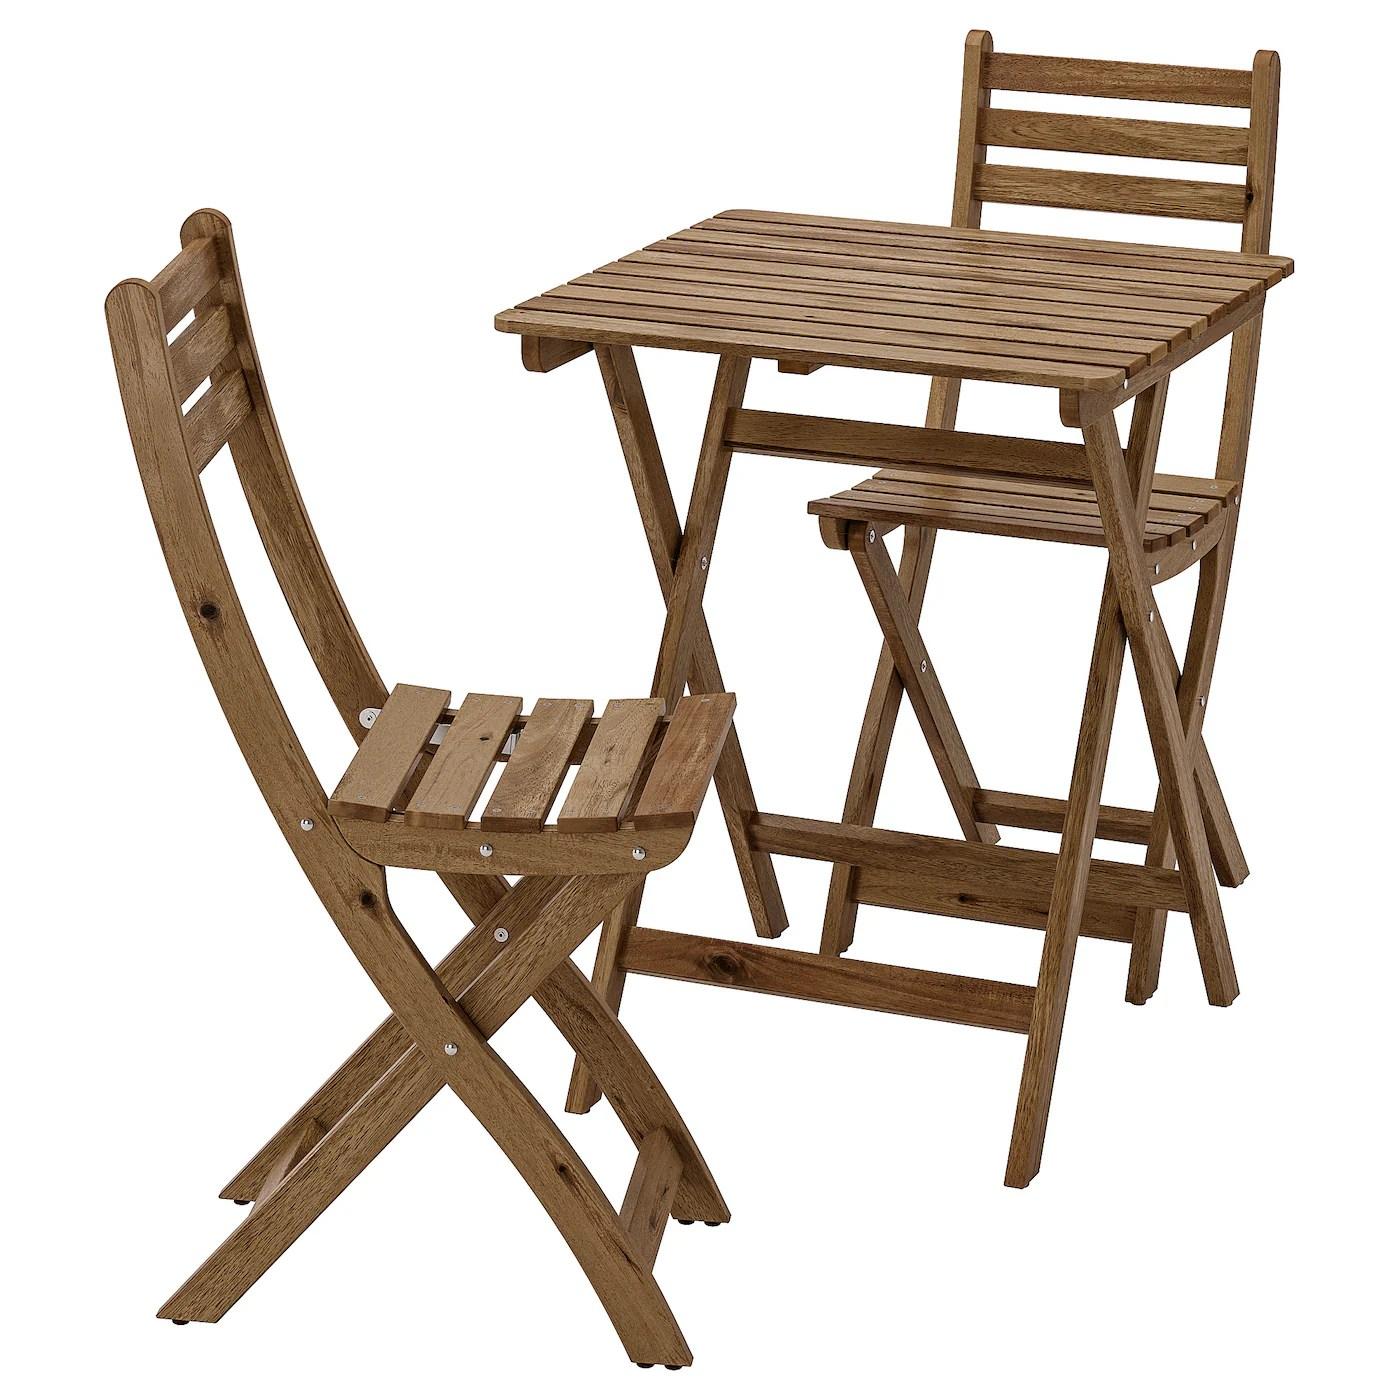 Non c'è giardino che tenga senza un bel tavolo e delle belle sedie, nulla si improvvisa però: Set Tavoli E Sedie Da Esterno Ikea Svizzera